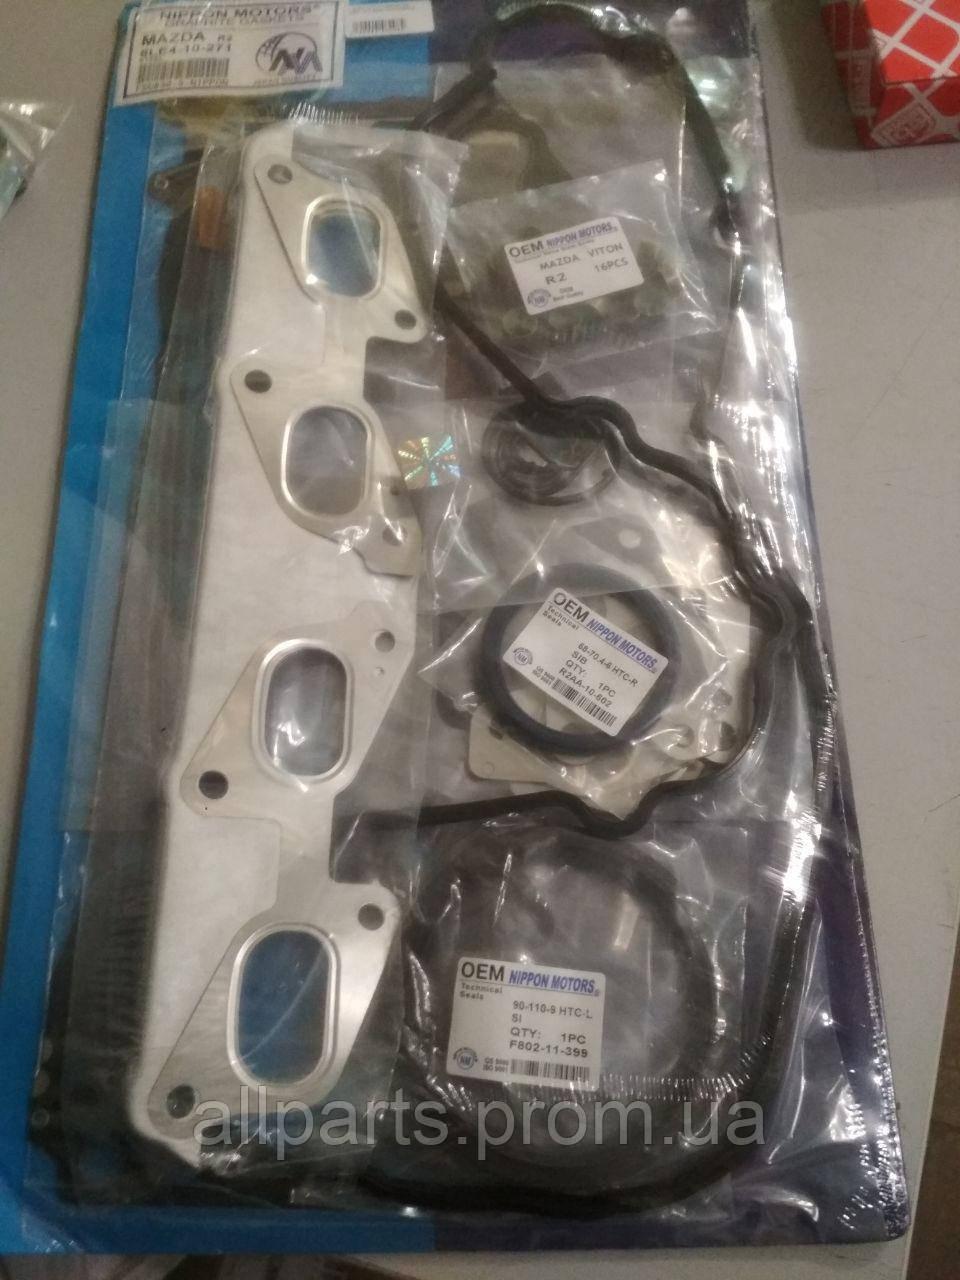 Комплект прокладок полный для капремонта двигателя производителя Nippon Motors (Япония)